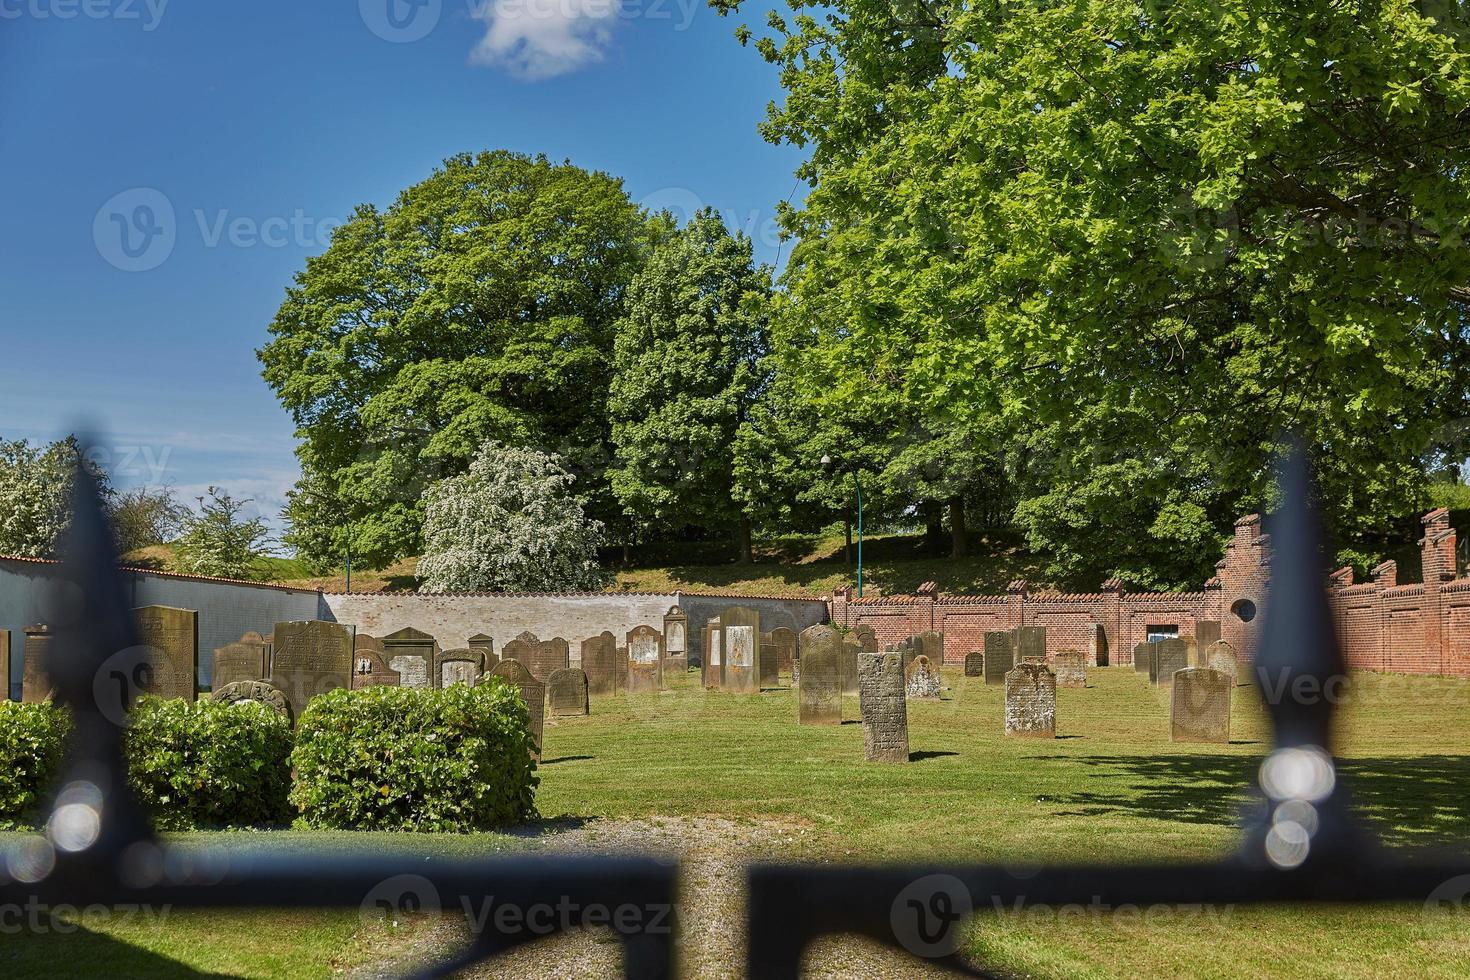 cementerio en la ciudad de fredericia en dinamarca. foto